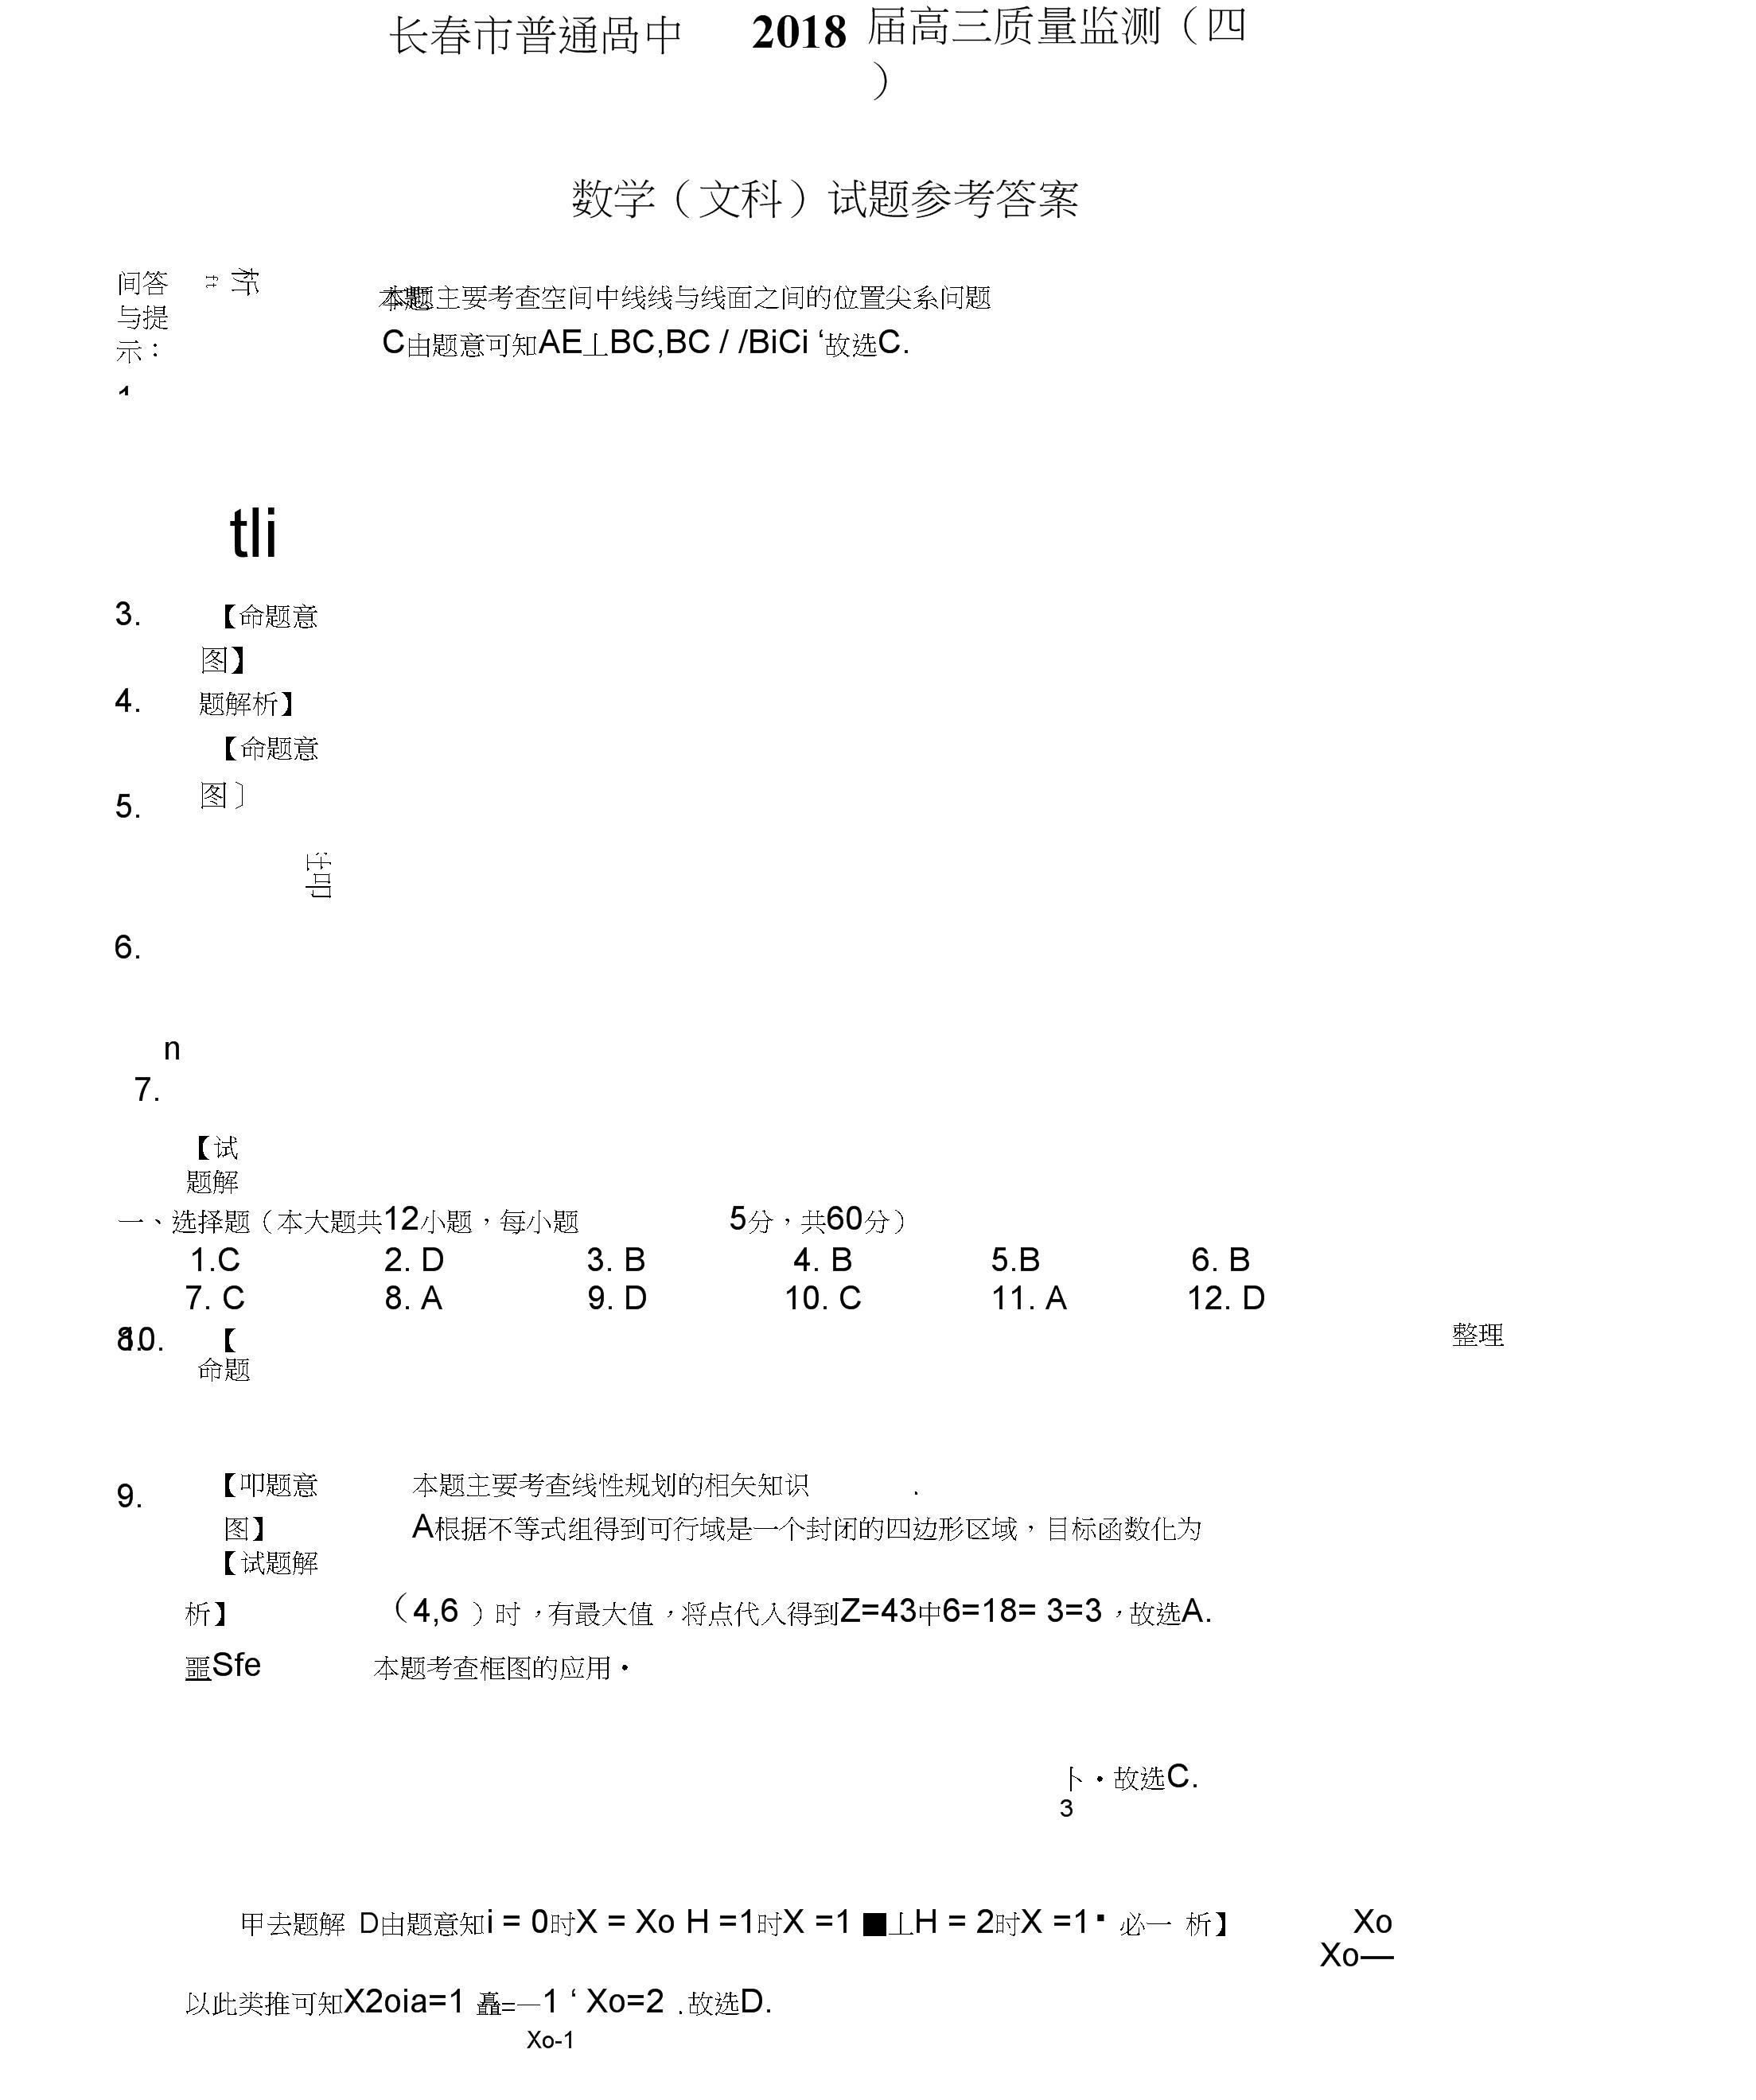 2018四模(文数)答案.docx